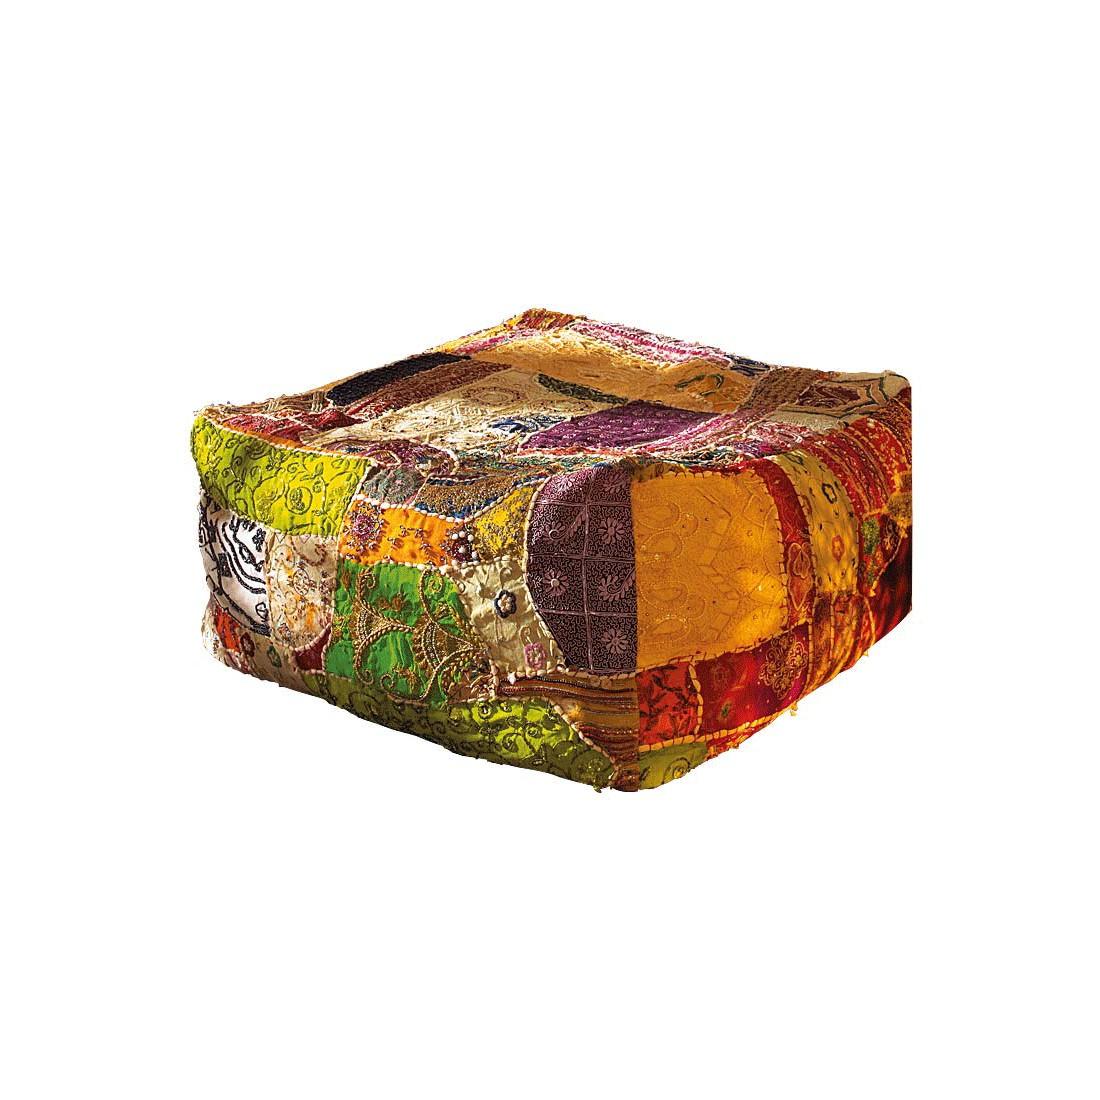 Sitzkissen Patchwork – Baumwolle – Bunt, PureDay bestellen